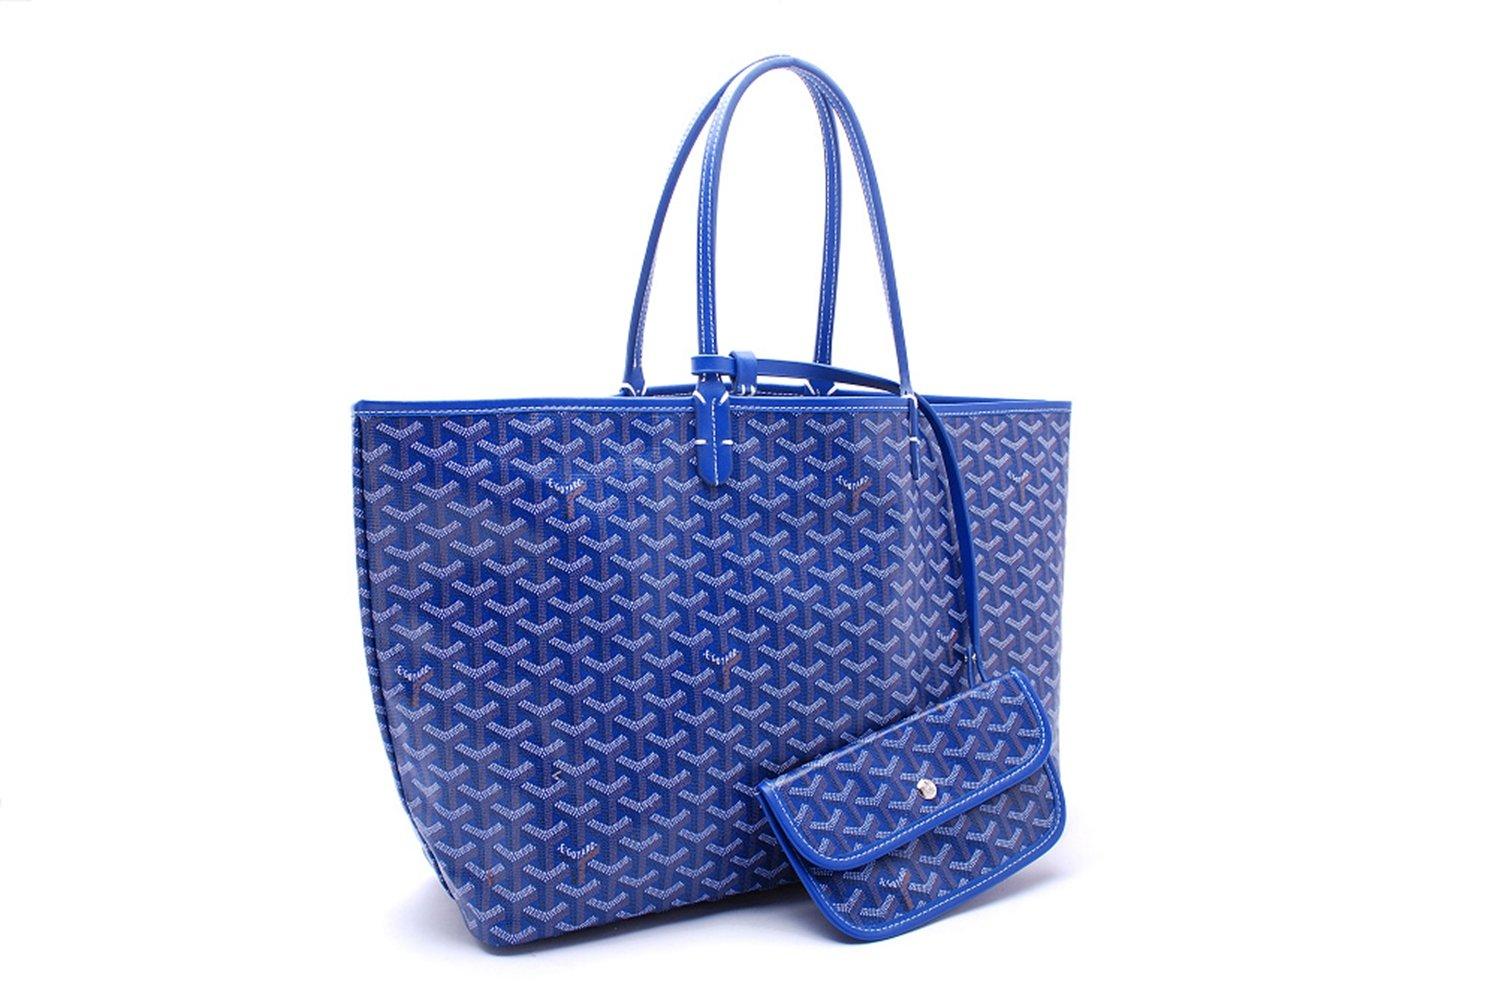 Bagcollector Fashion Shopping Shoulder Tote Bag Set(Blue)